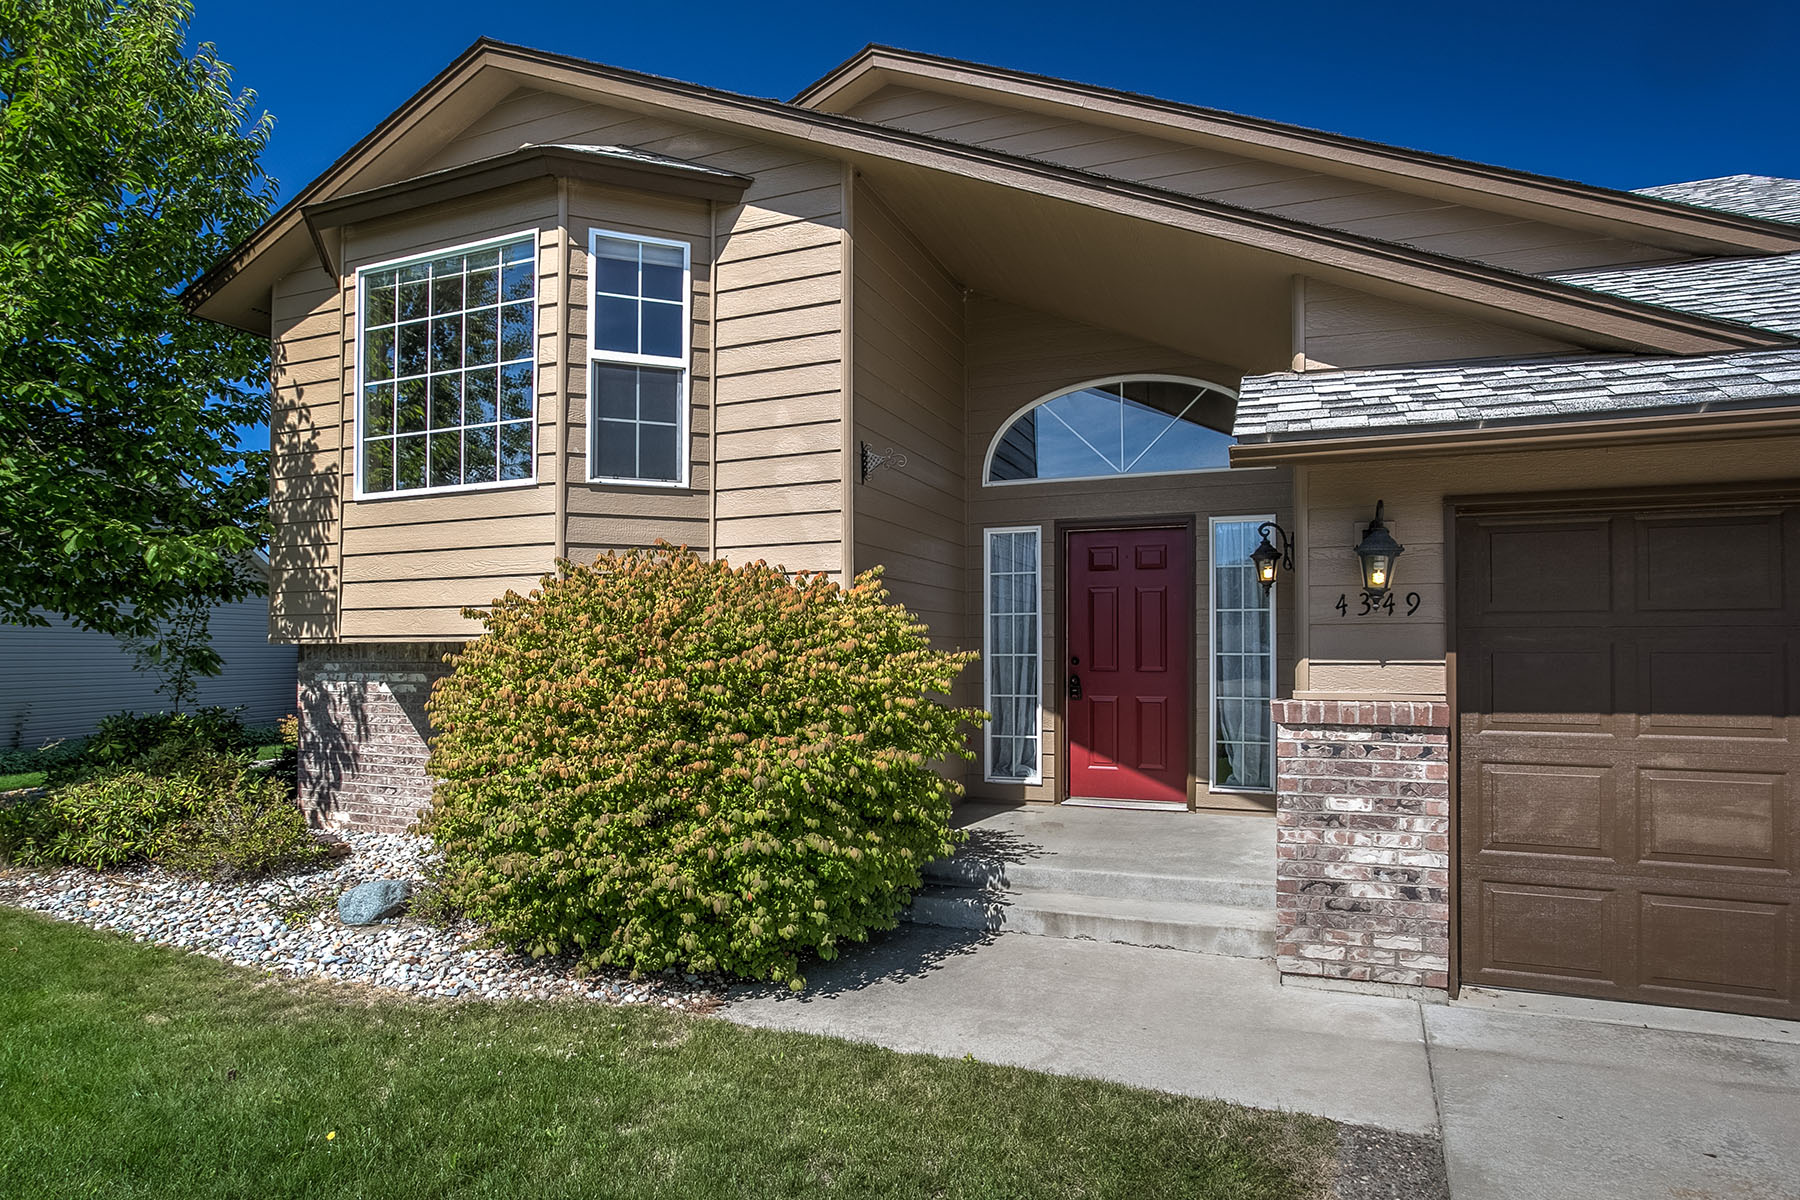 Casa para uma família para Venda às Lovely Home in Desirable Neighborhood! 4349 N Deerfield Dr Coeur D Alene, Idaho, 83815 Estados Unidos